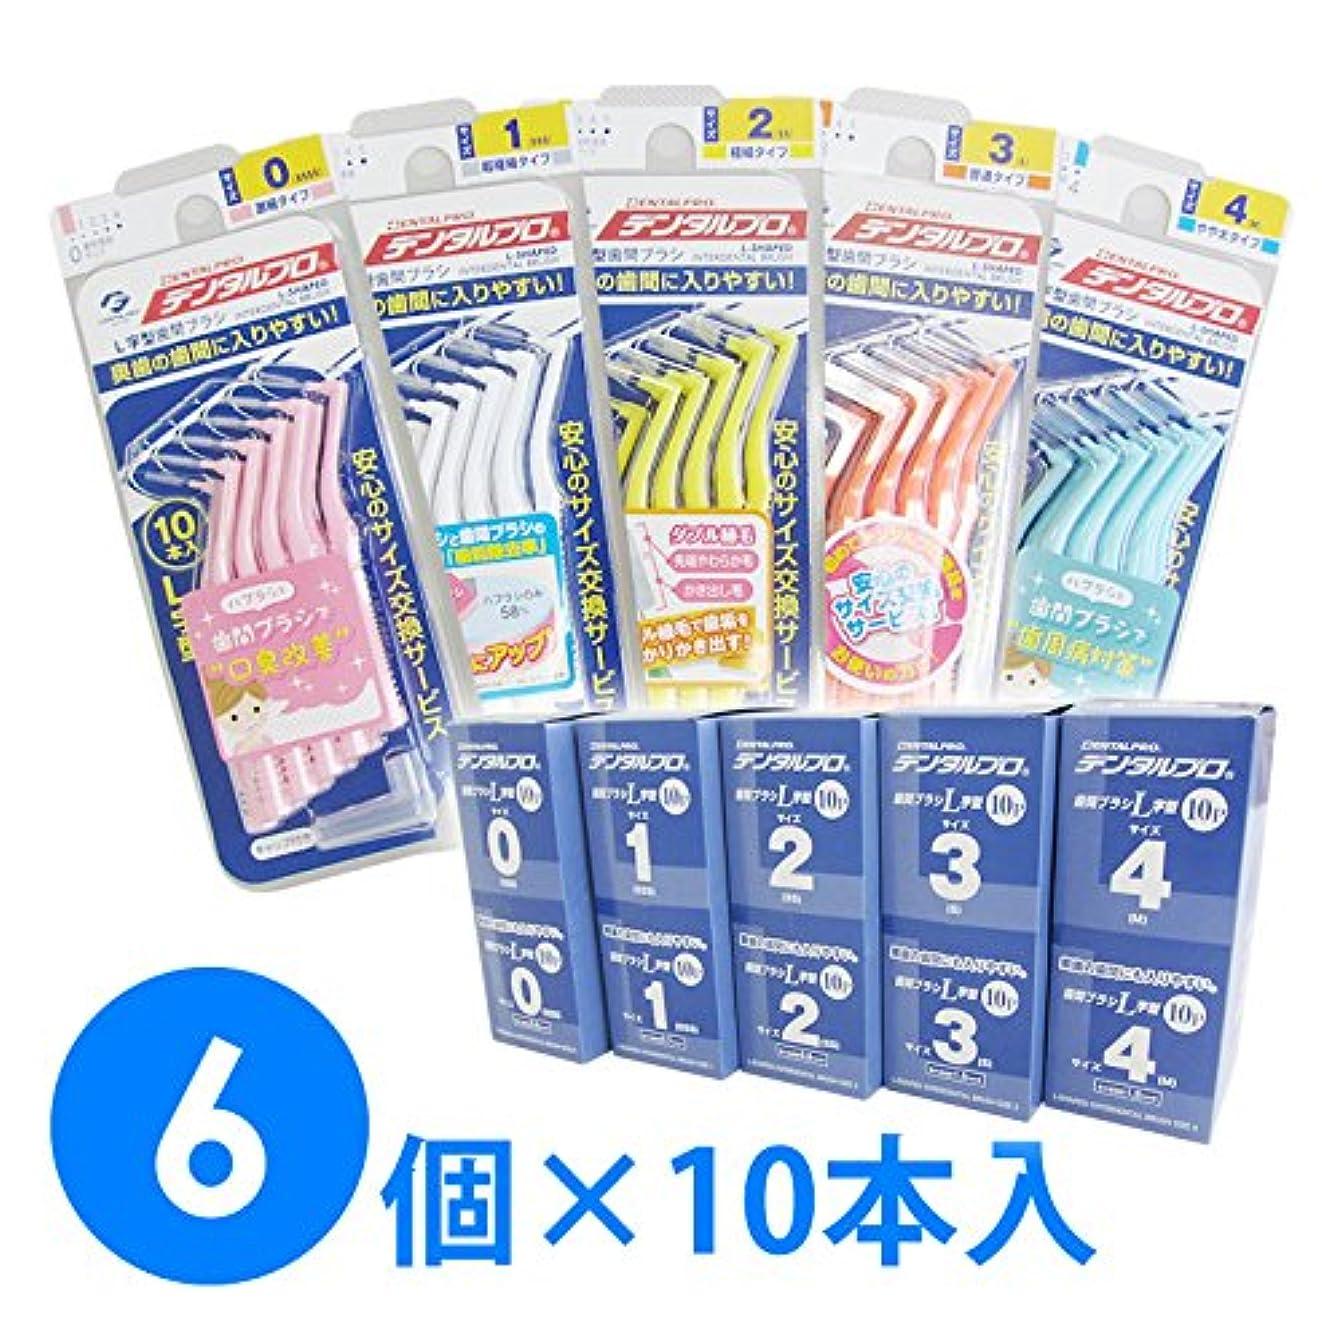 洞察力のあるカカドゥシリング【6個1箱】デンタルプロ 歯間ブラシL字型 10本入り×6個 (SSSS(0)ピンク)